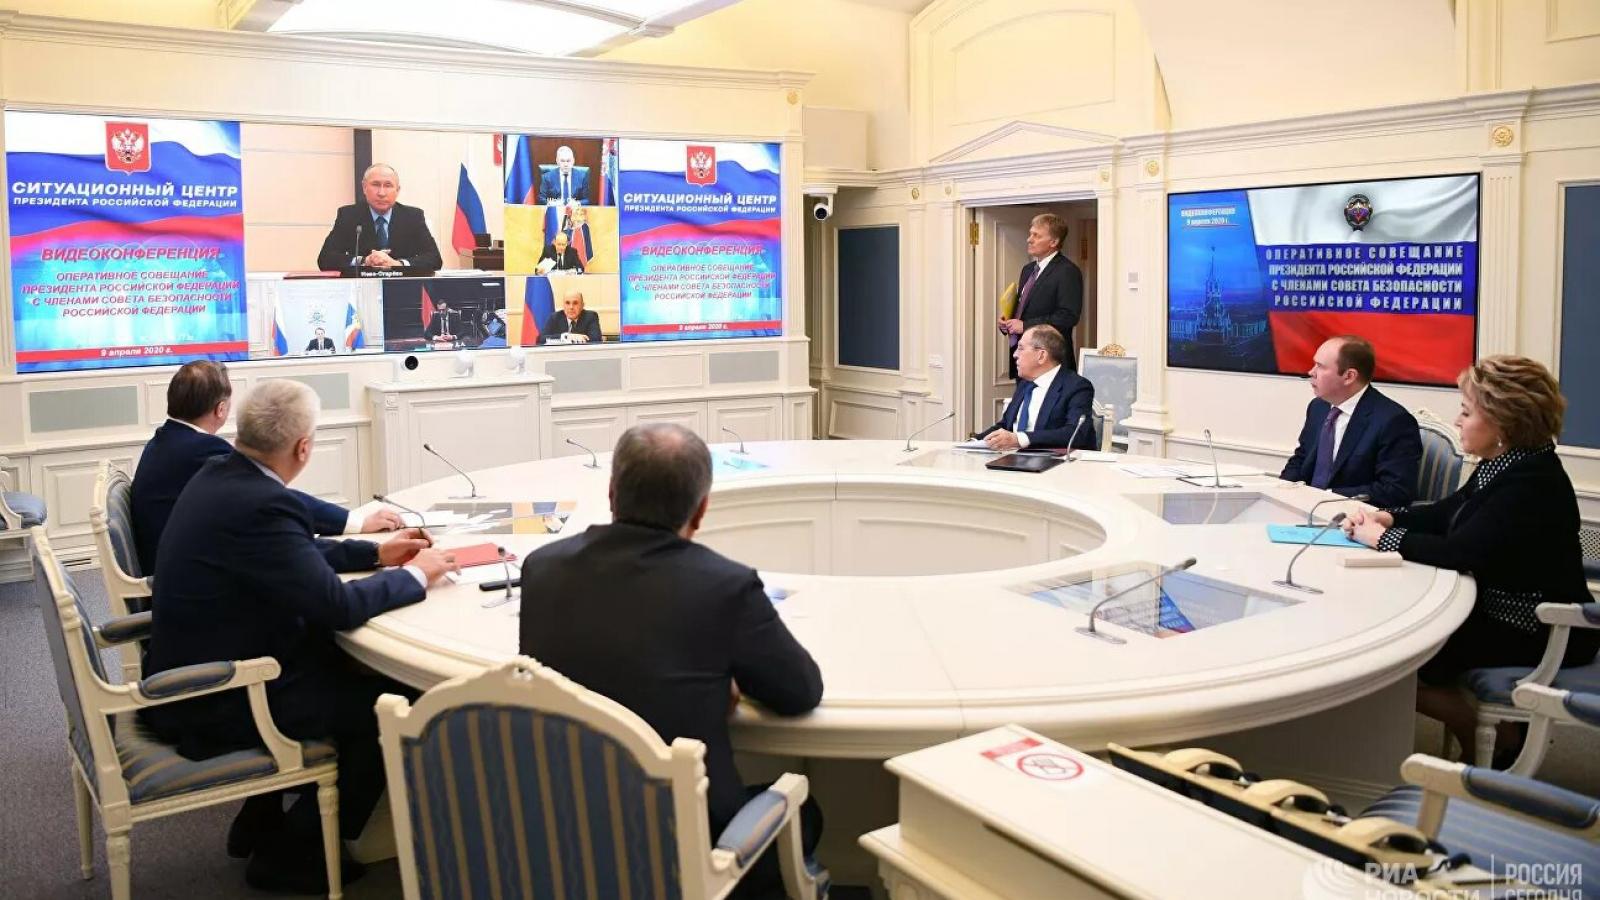 Thành viên Hội đồng An ninh Nga bị cấm có 2 quốc tịch và tài khoản nước ngoài